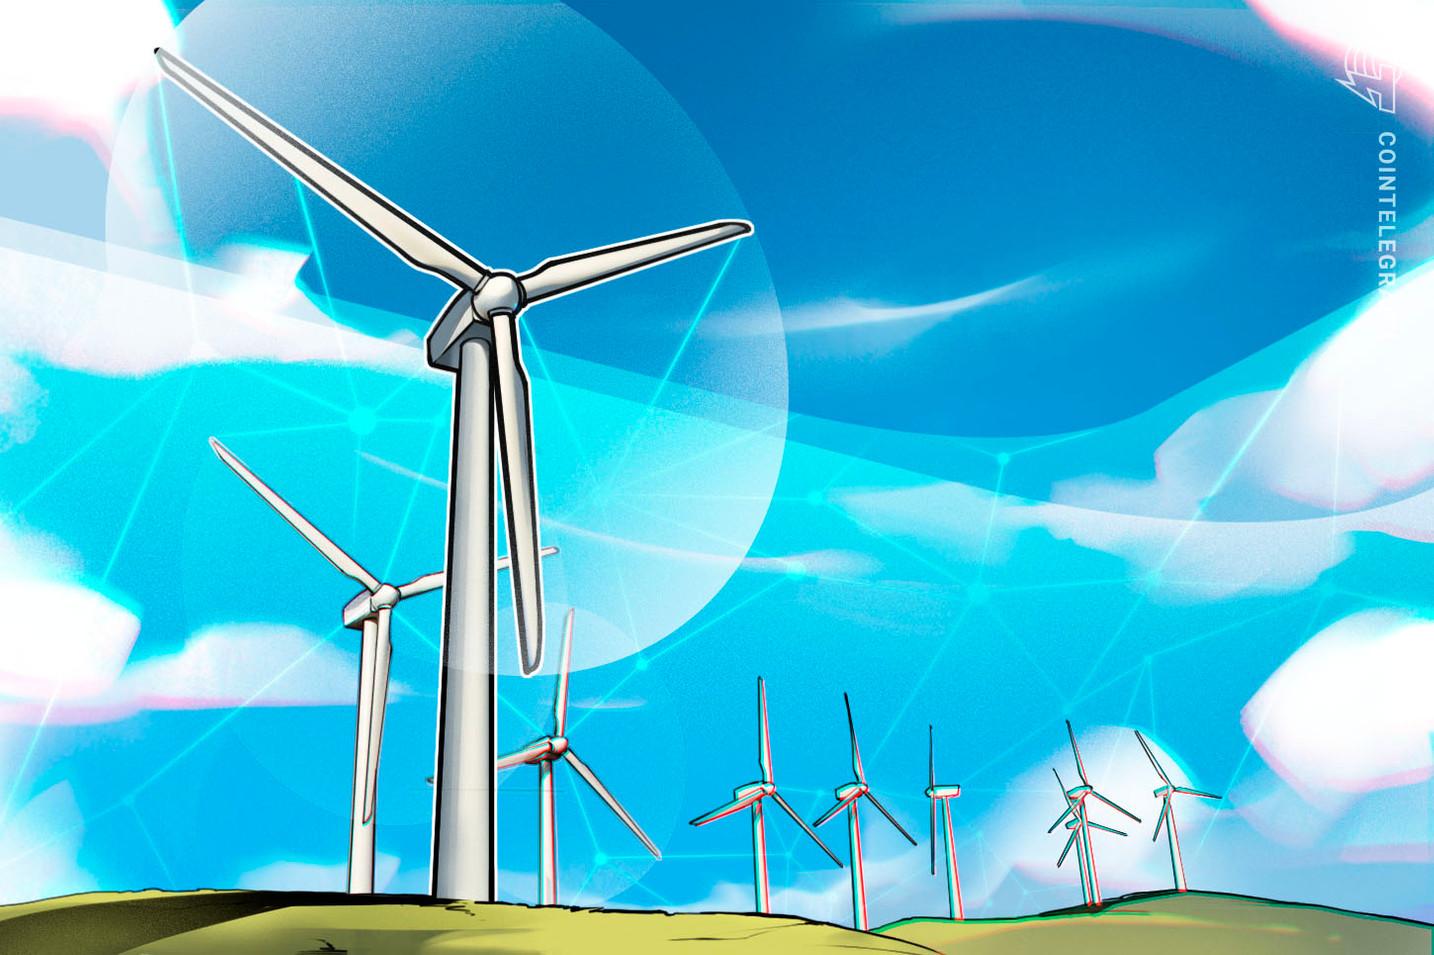 Indústria de criptomoeda explica que o aproveitamento de energia renovável ajuda os mineradores BTC